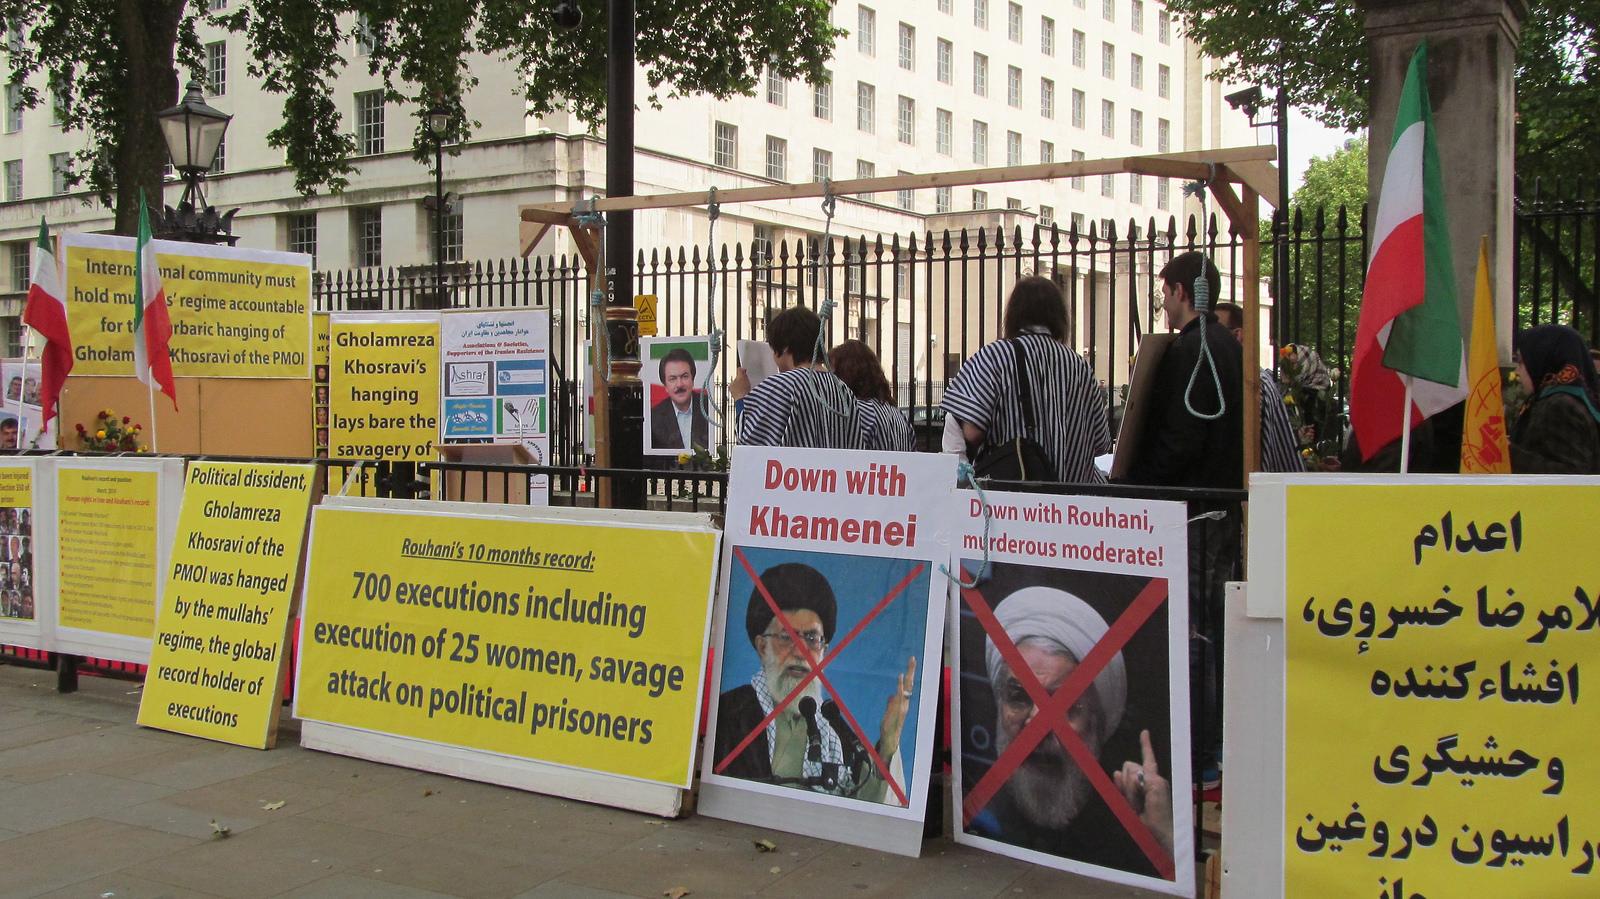 KOMENTARZ: Protesty wIranie – przyczyny iperspektywy